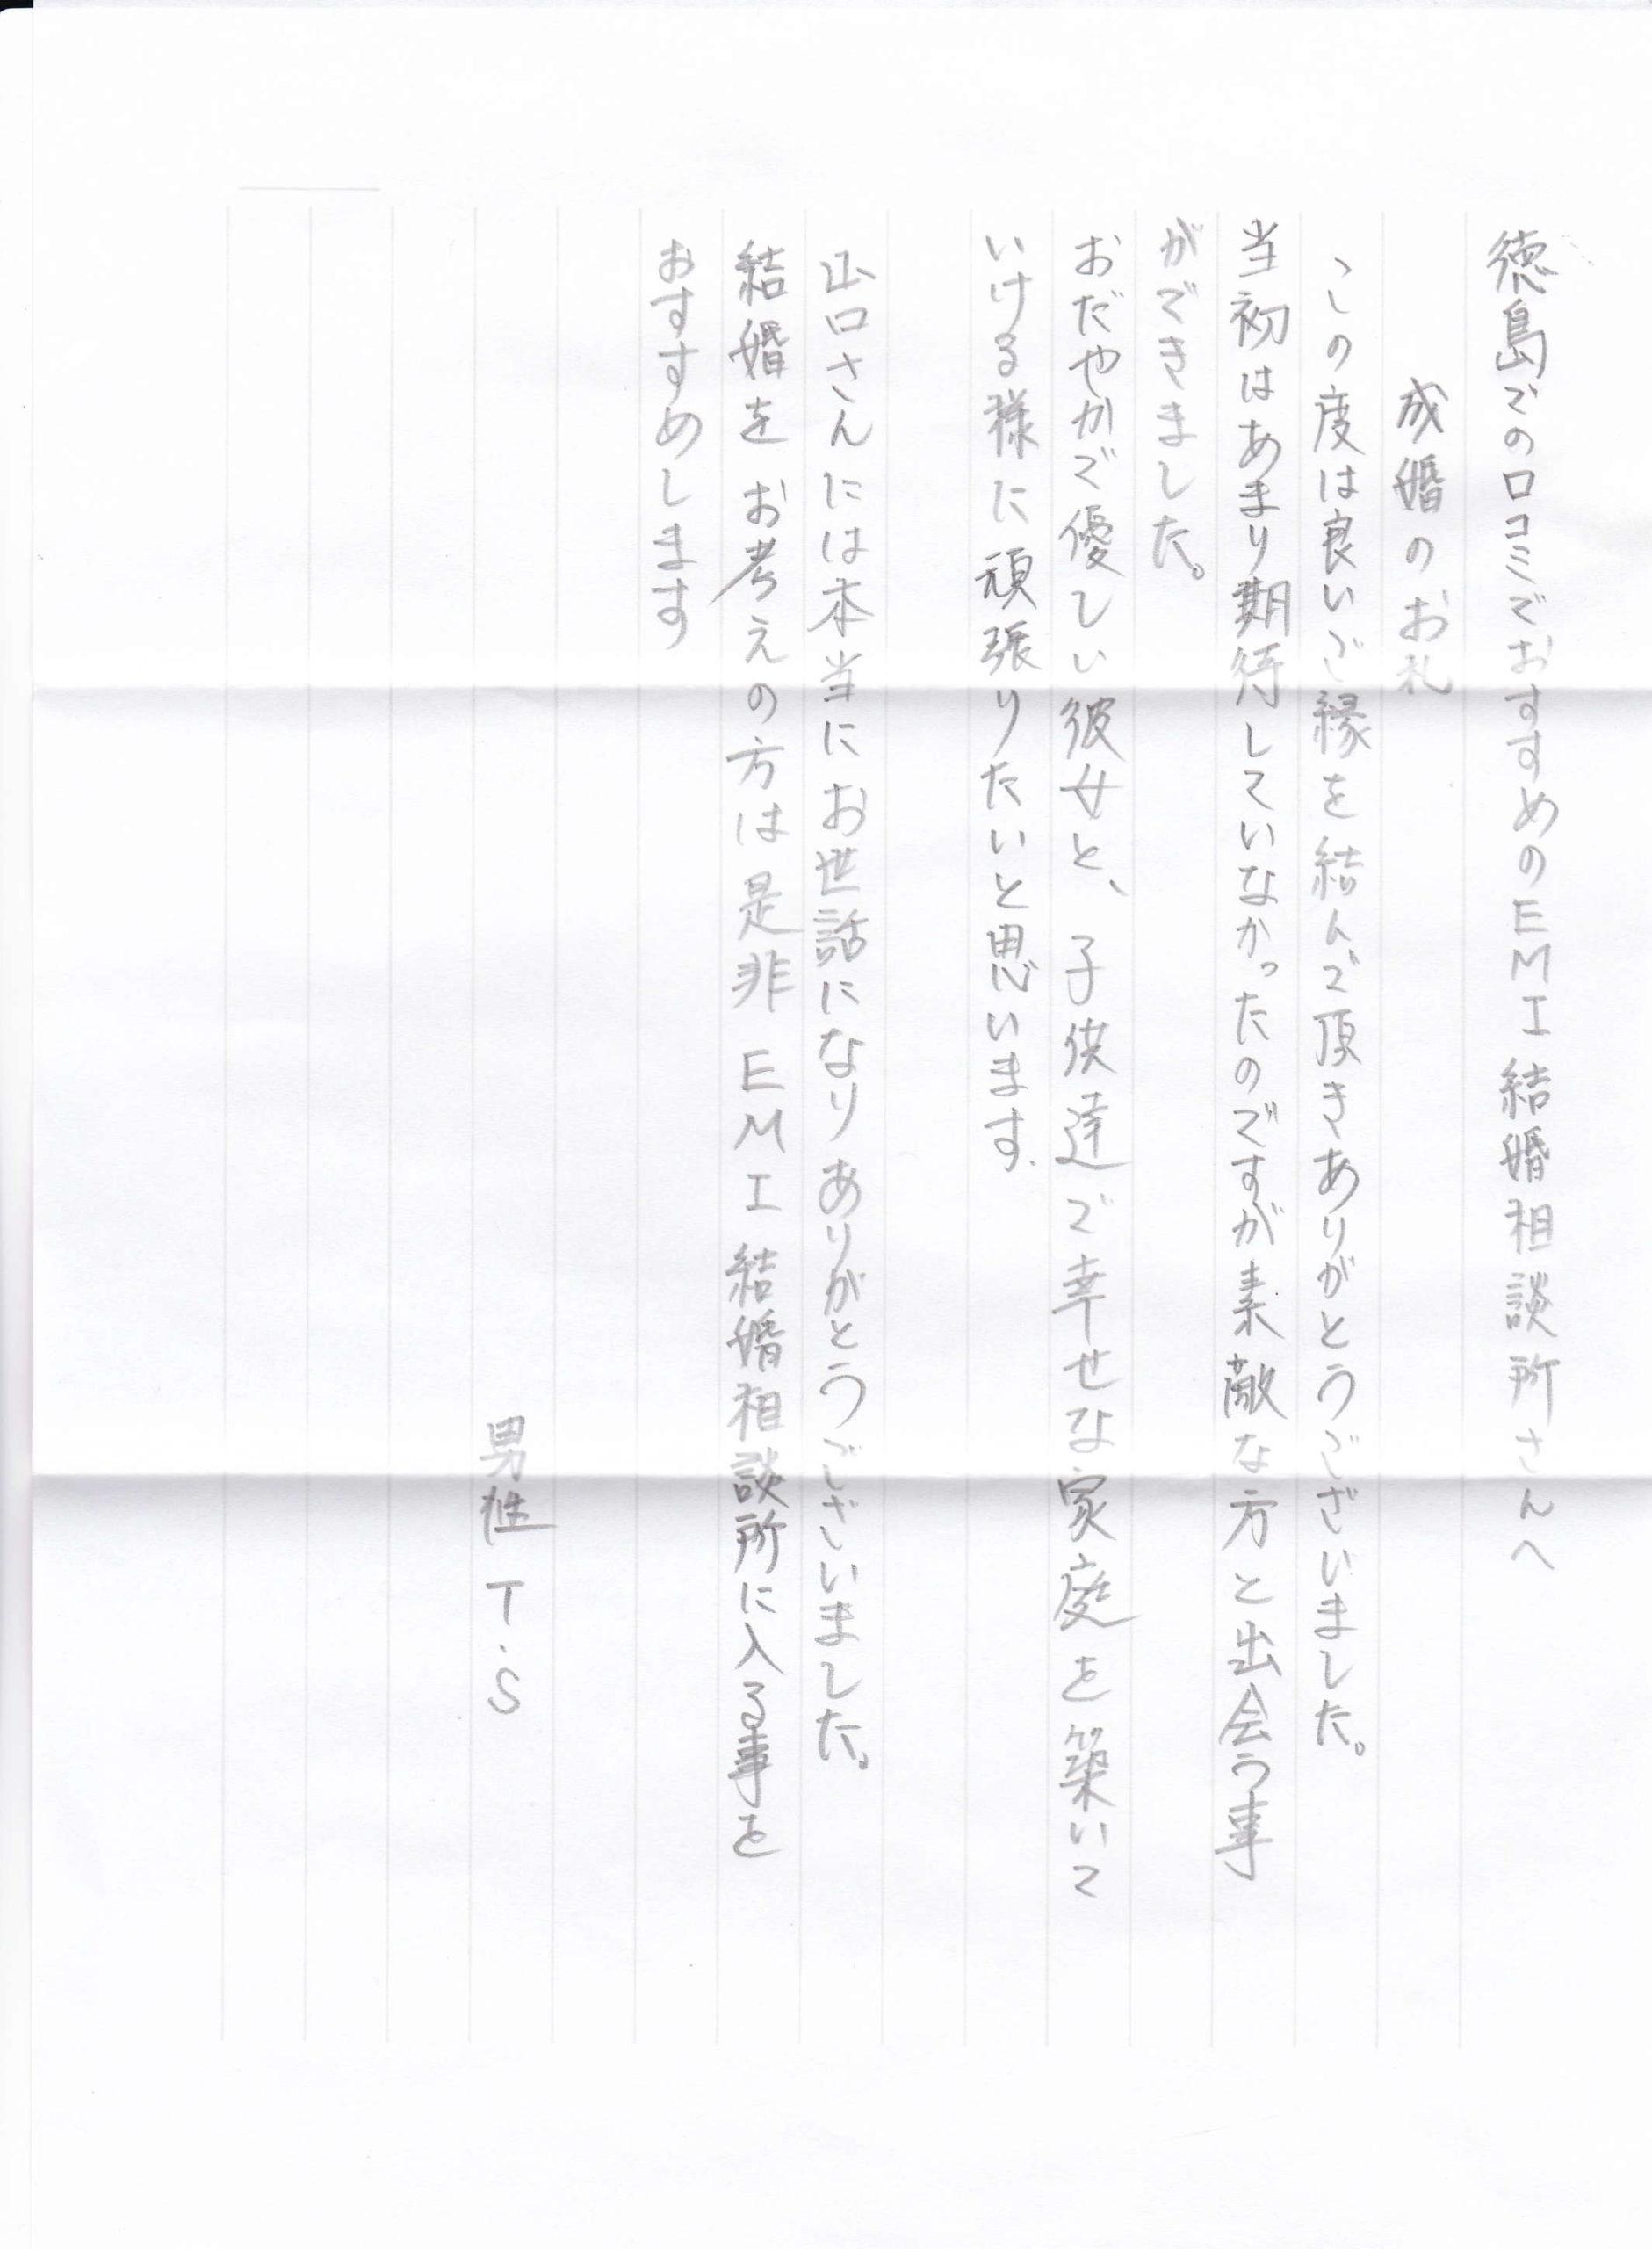 婚活後の徳島EMI結婚相談所でのご成婚者様 男性 T・S様